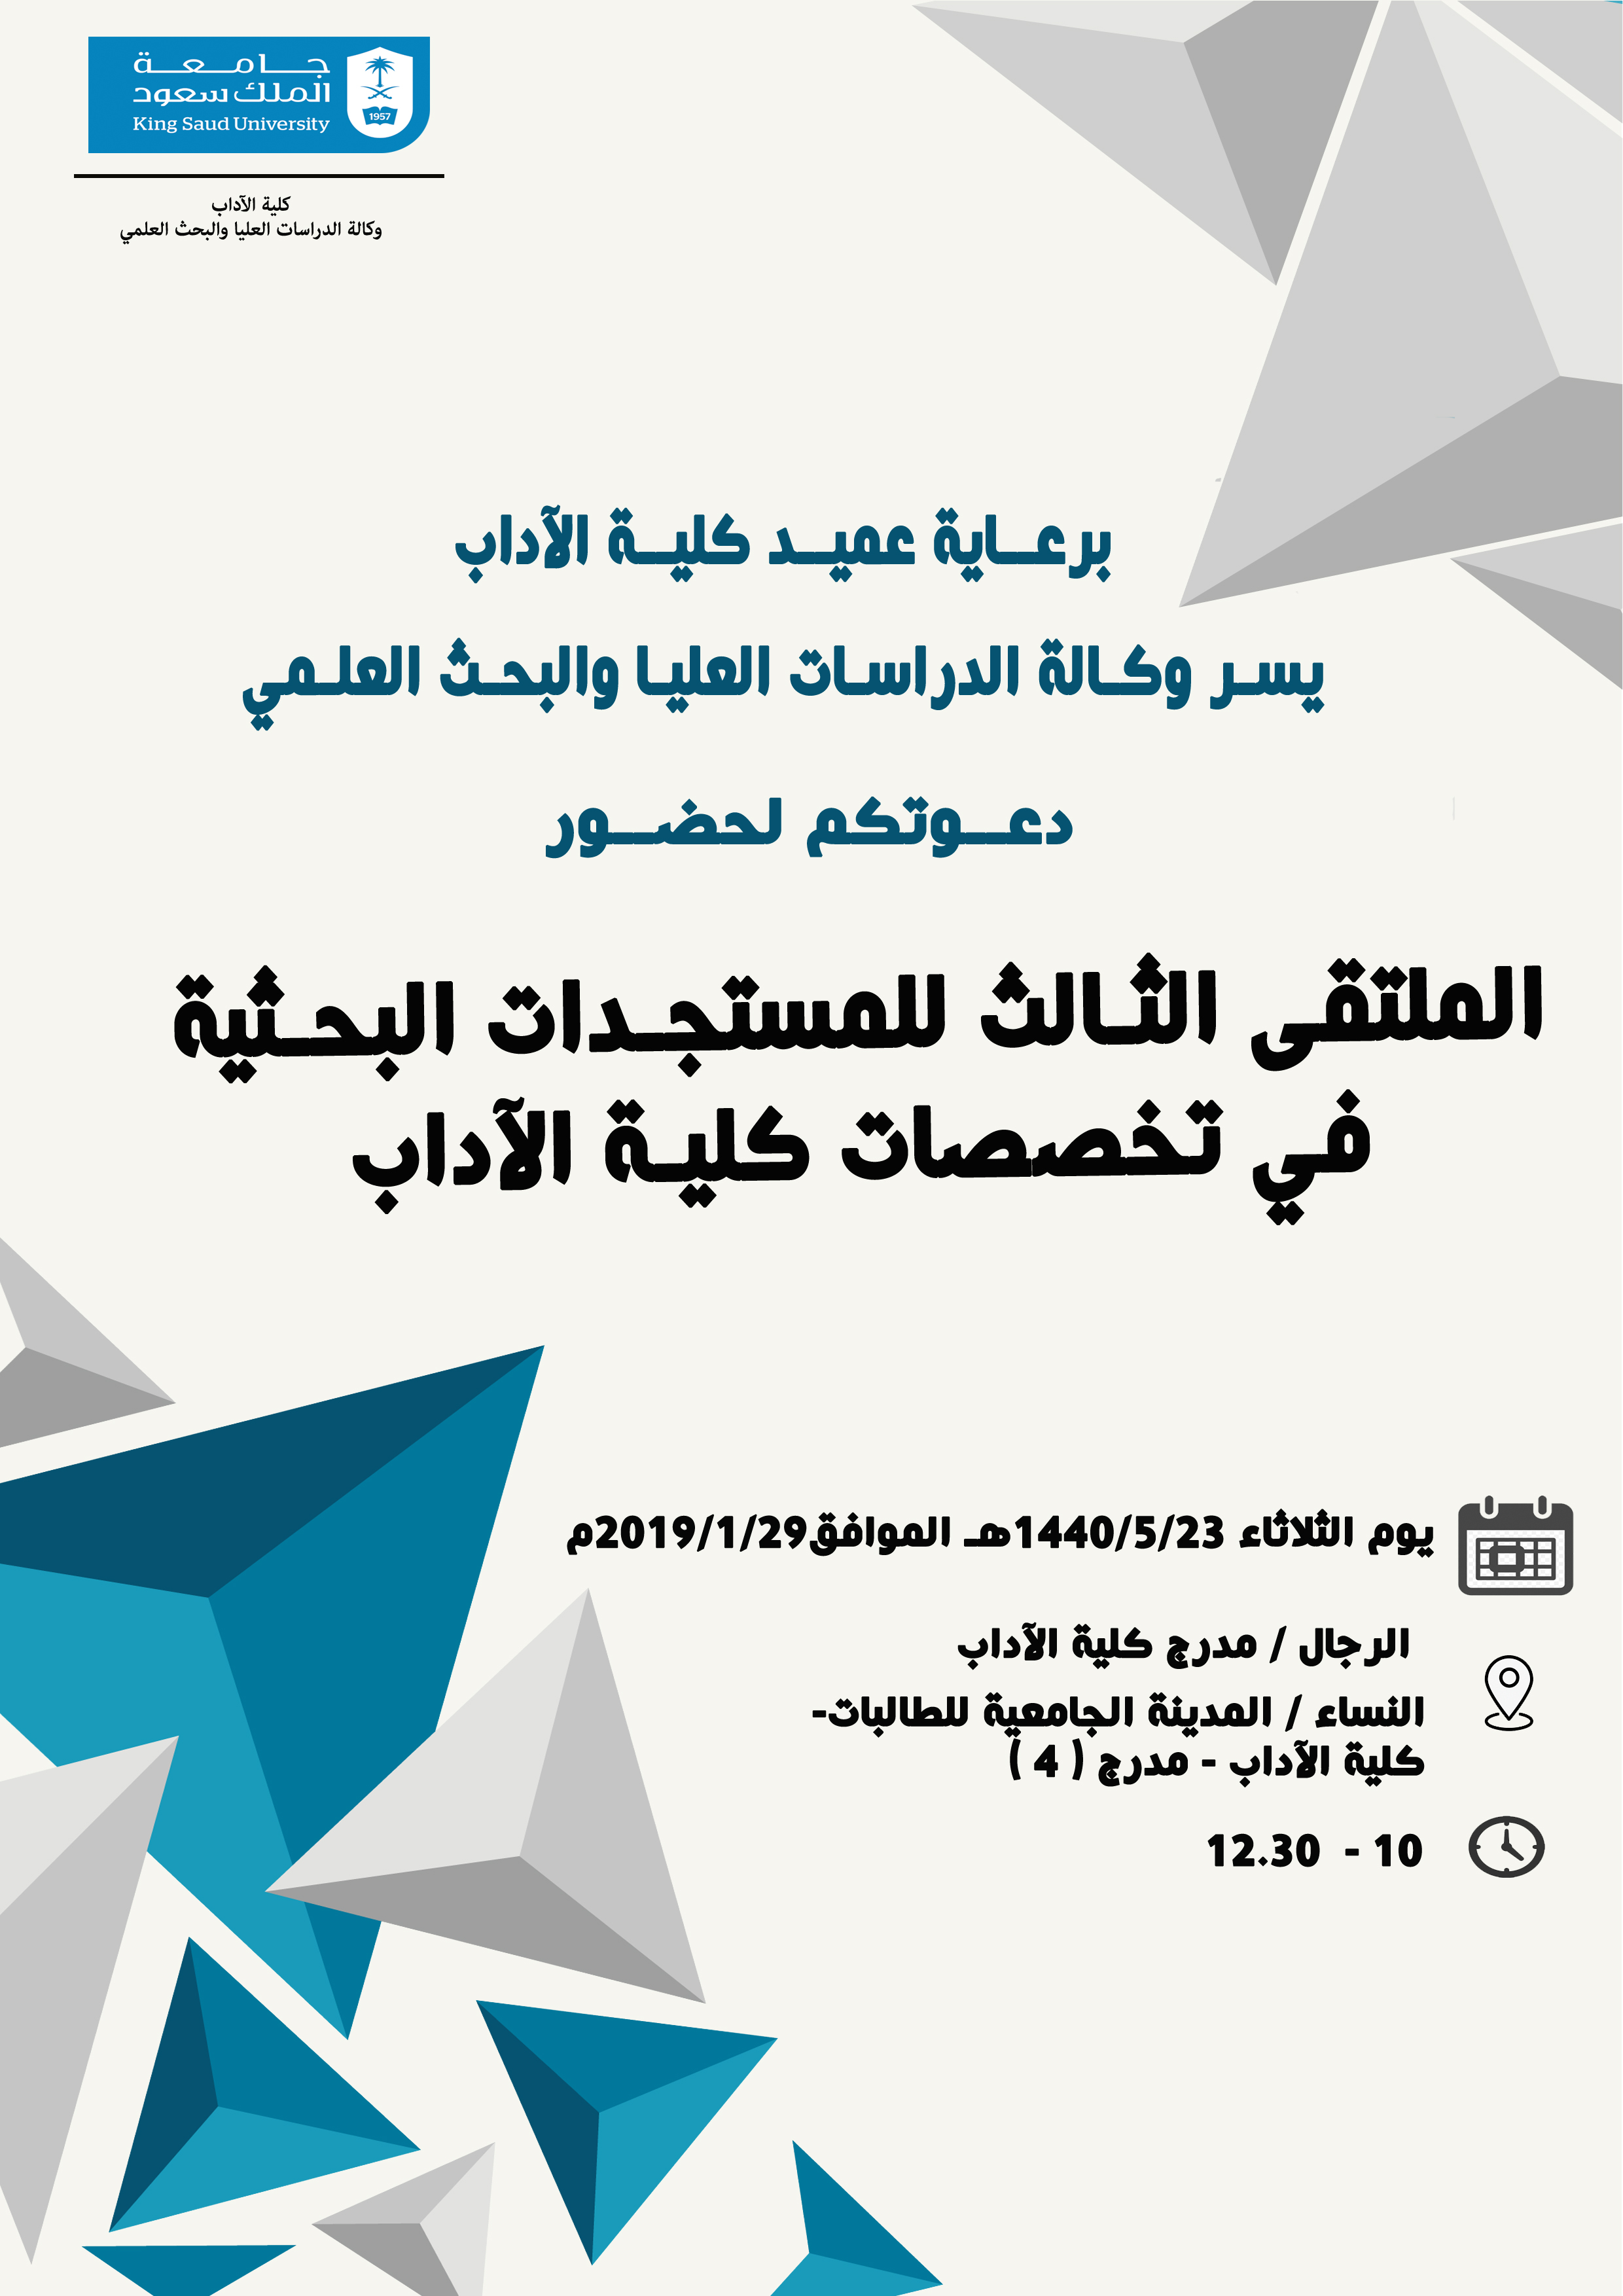 تخصصات كلية الاداب جامعة الملك عبدالعزيز